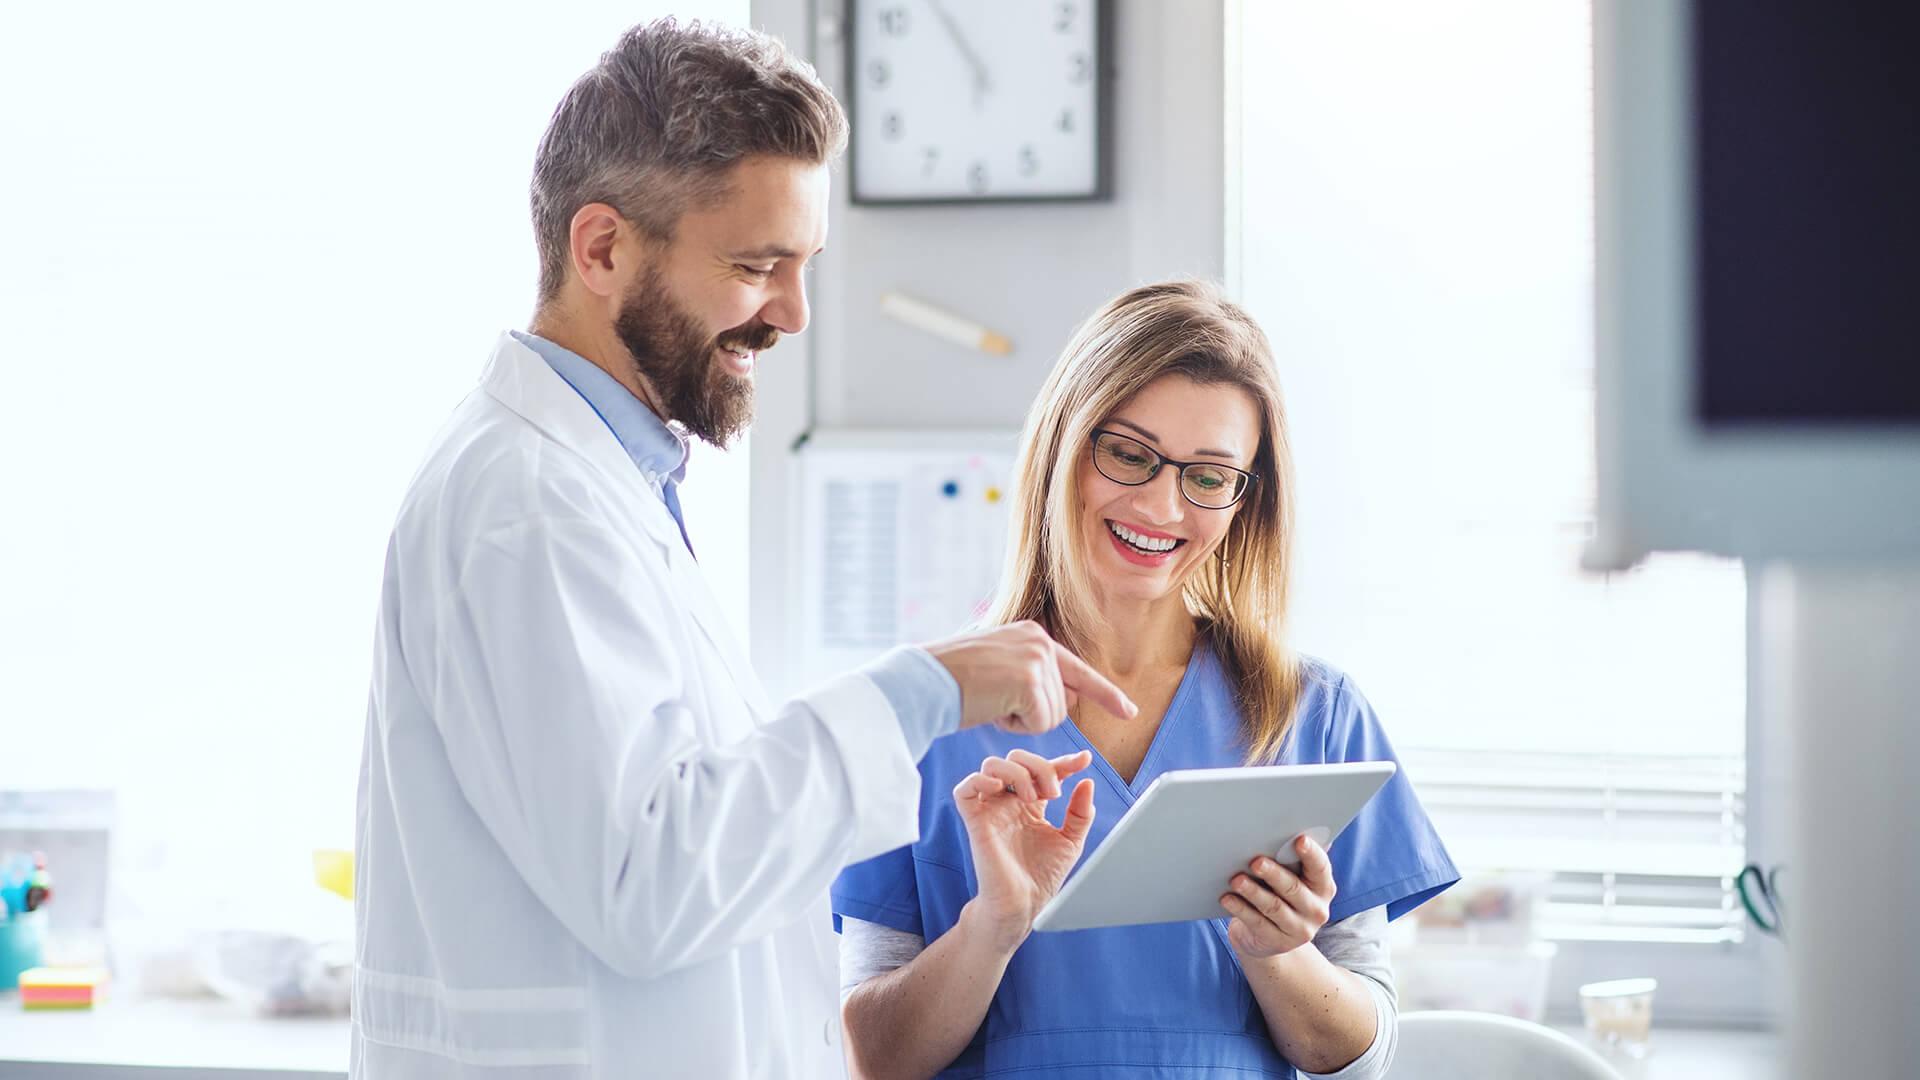 Webinar drEryk i WMZLPPZ - lekarze przeglądający dane na tablecie